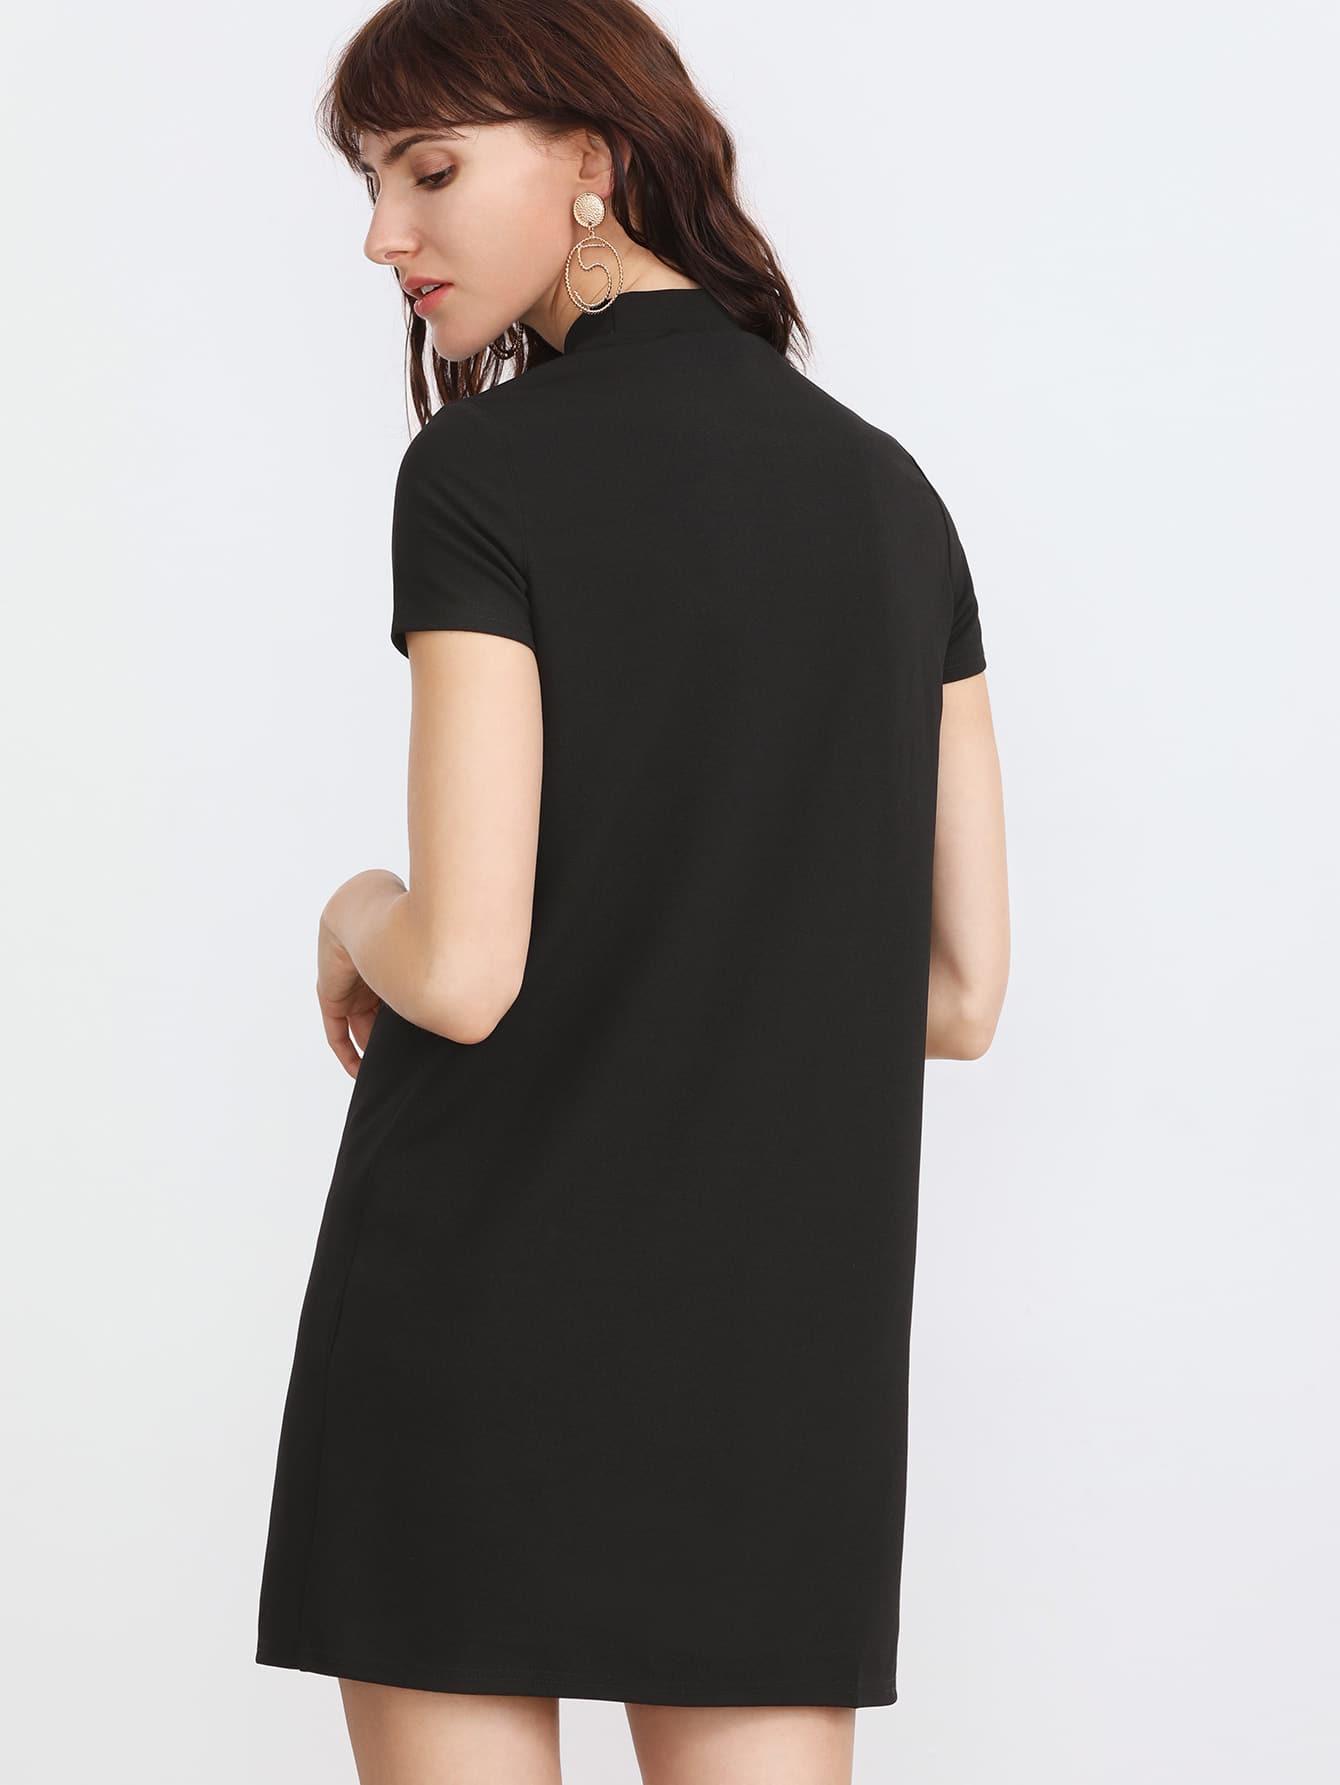 dress161230707_2